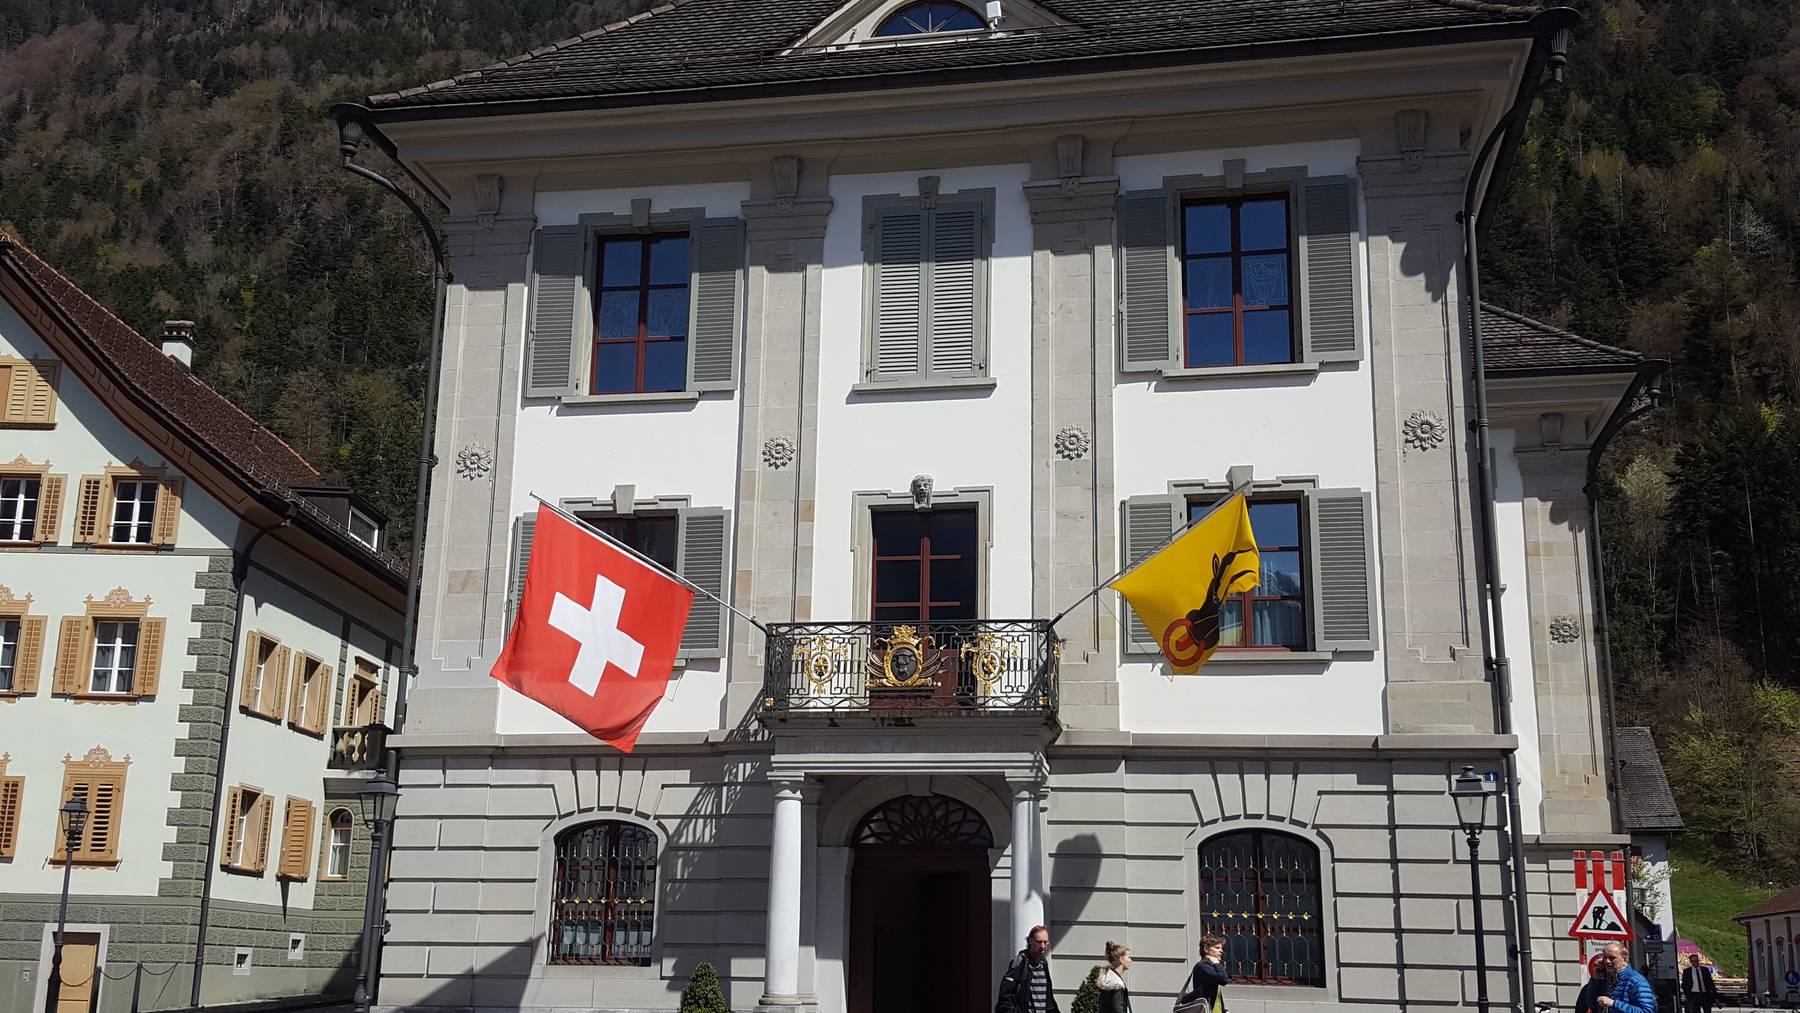 Regierungsgebäude des Kantons Uri in Altdorf